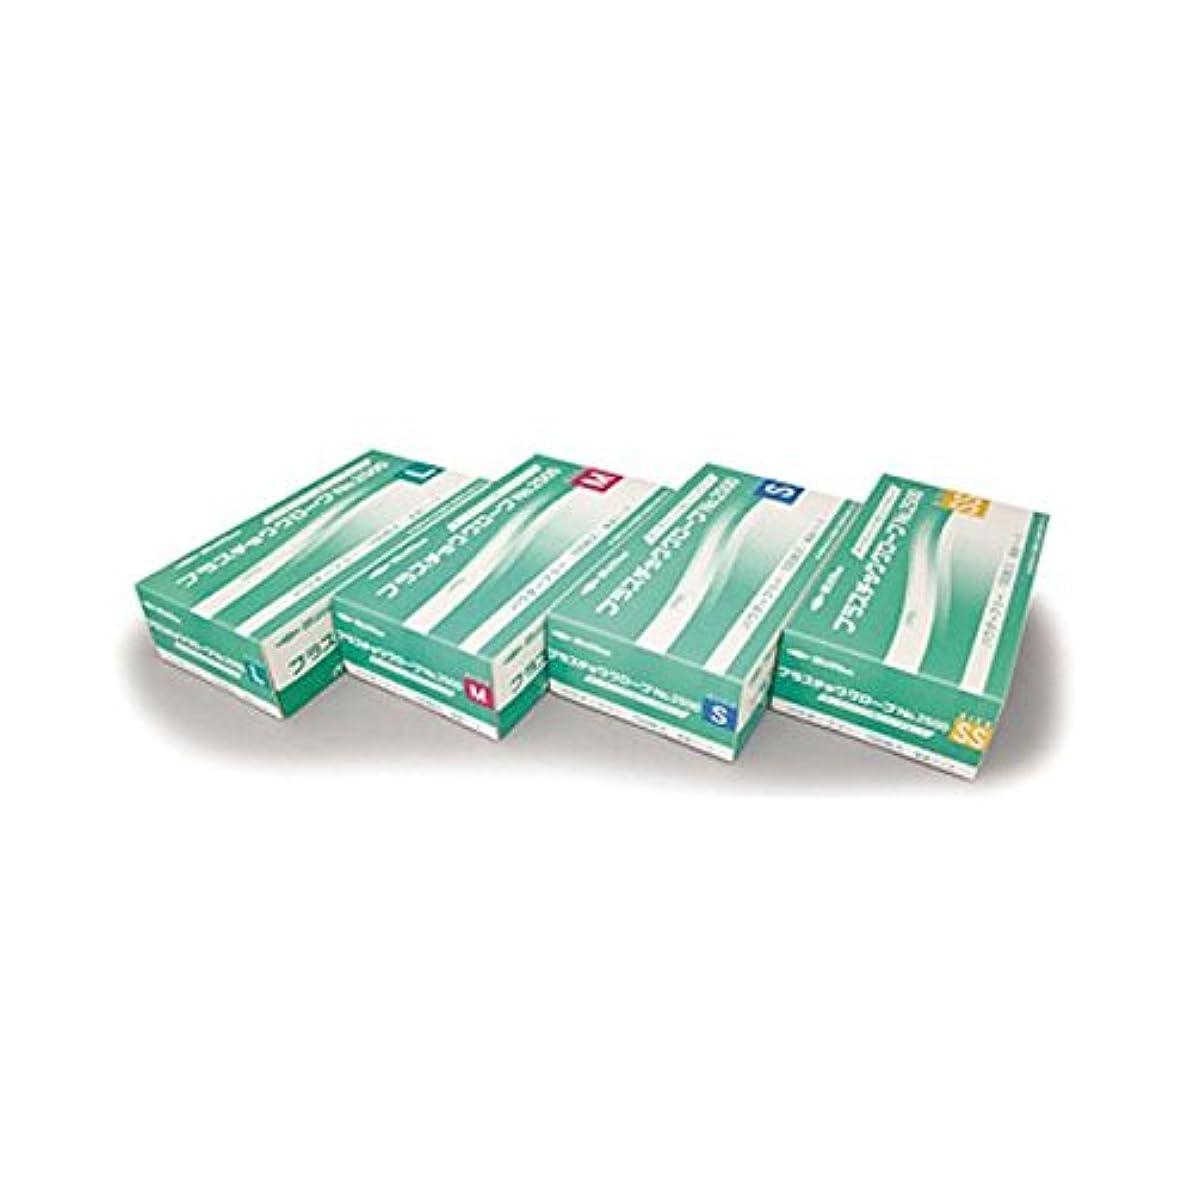 ペストリー踏みつけ欠席(業務用20セット) 共和 プラスチックグローブNo2500 L LH-2500-L